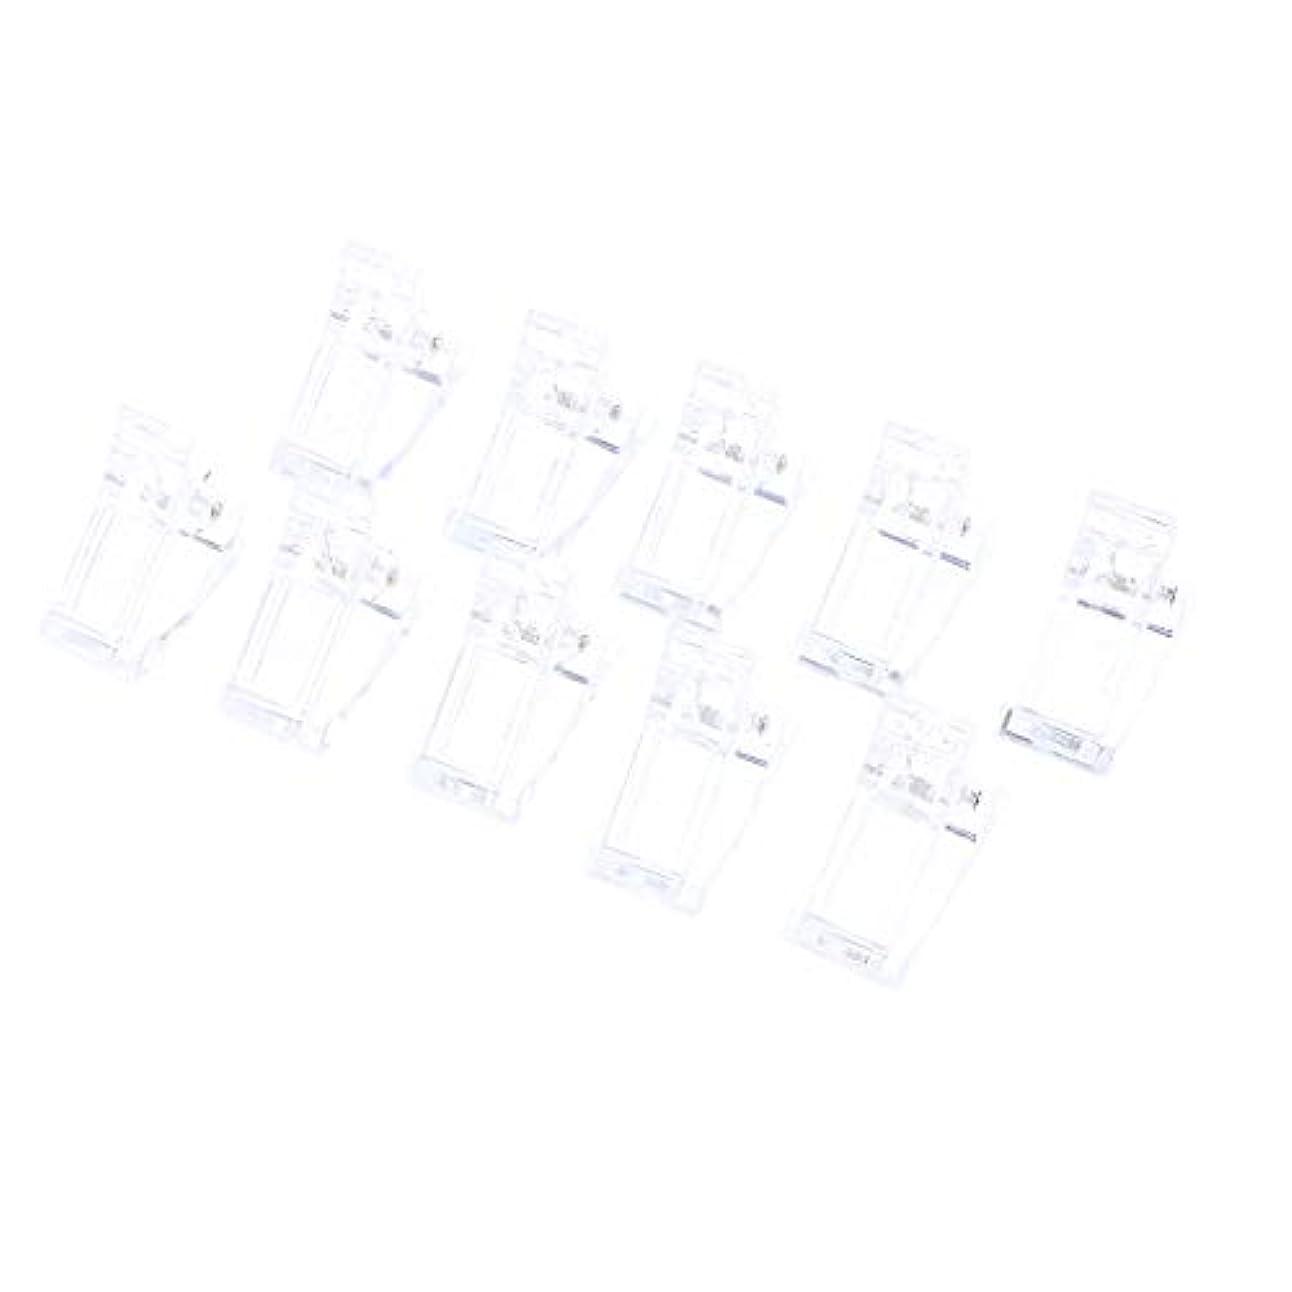 罪カイウスソーダ水10ピース/セットポリゲルクイックビルネイルアートのヒントクリップ爪用 - UV Ledネイルプラスチックアシスタントツール